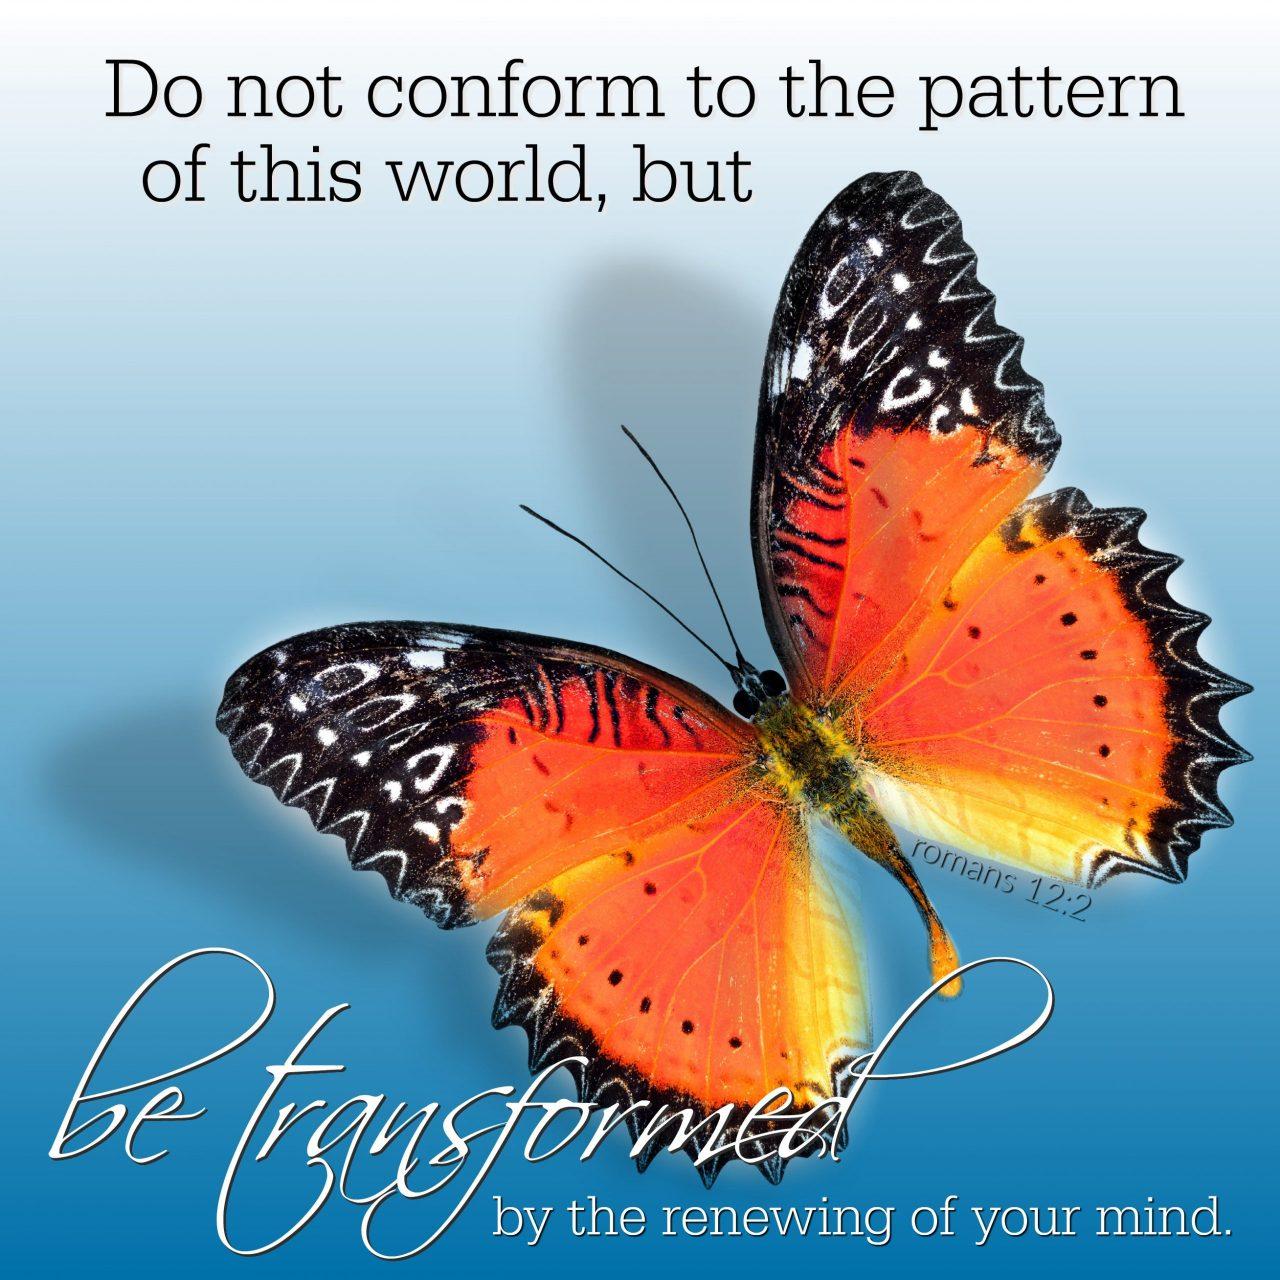 Romans 12:2 | KCIS 630